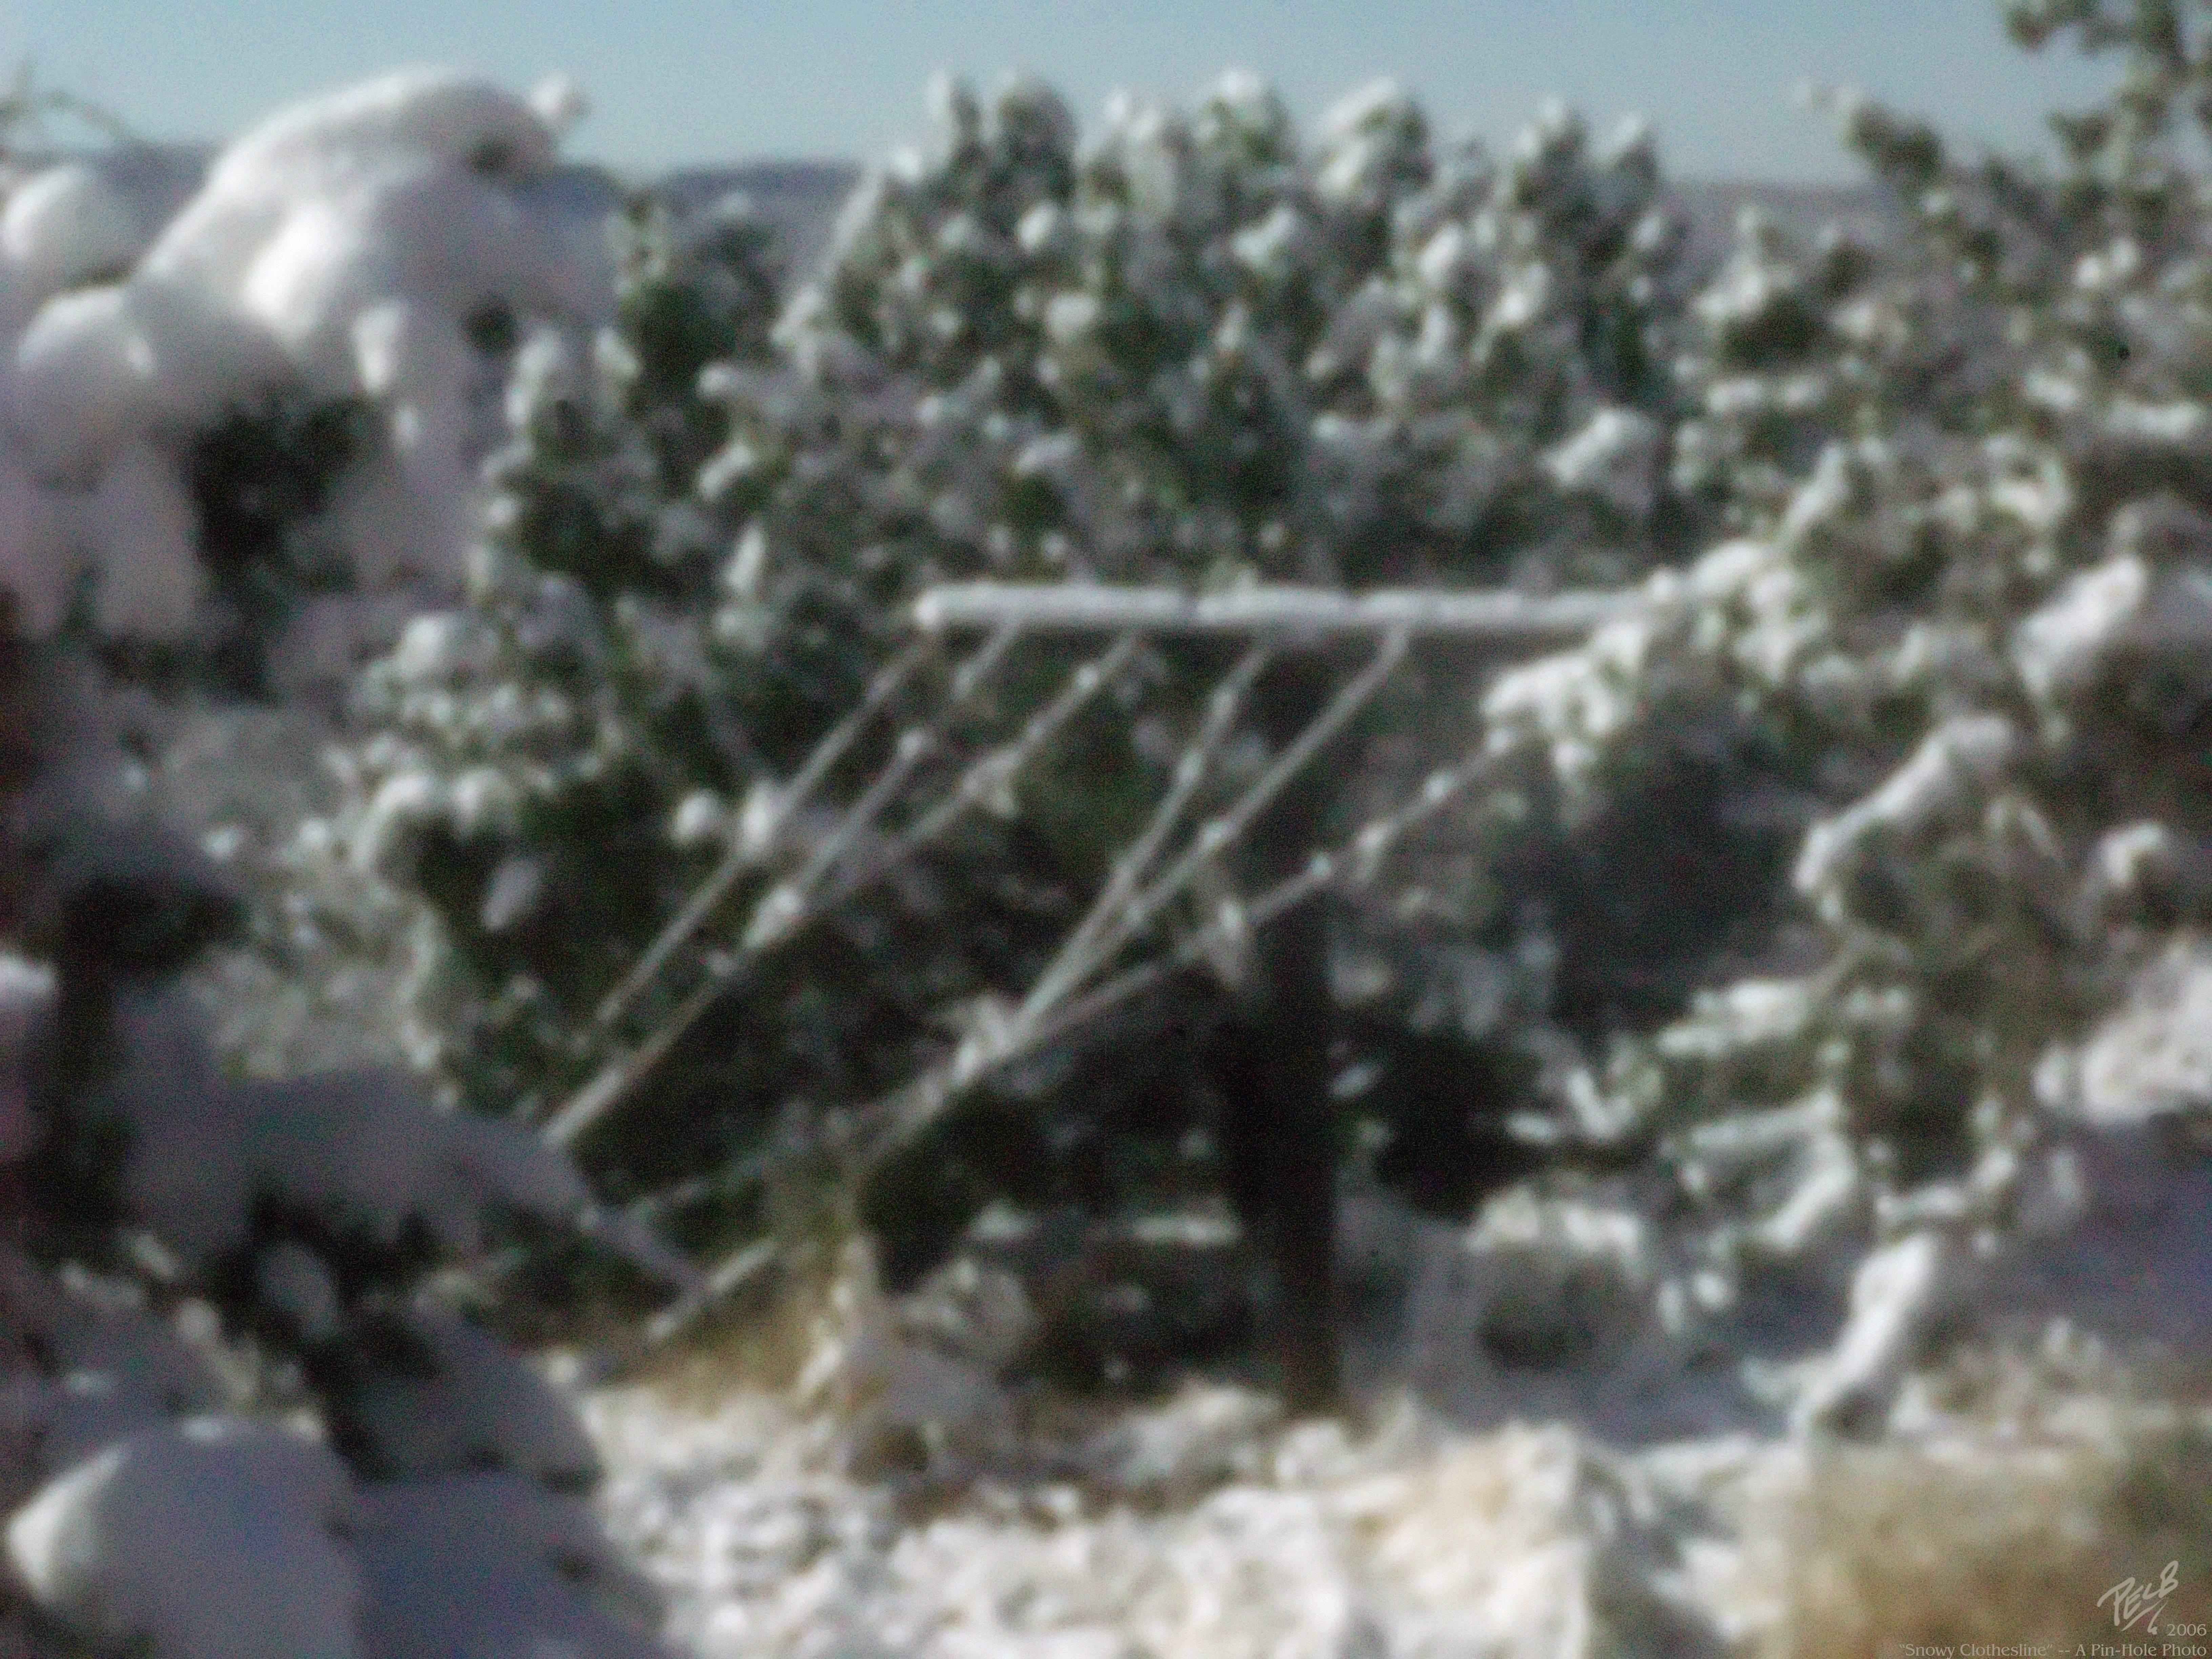 SnowyClothesline